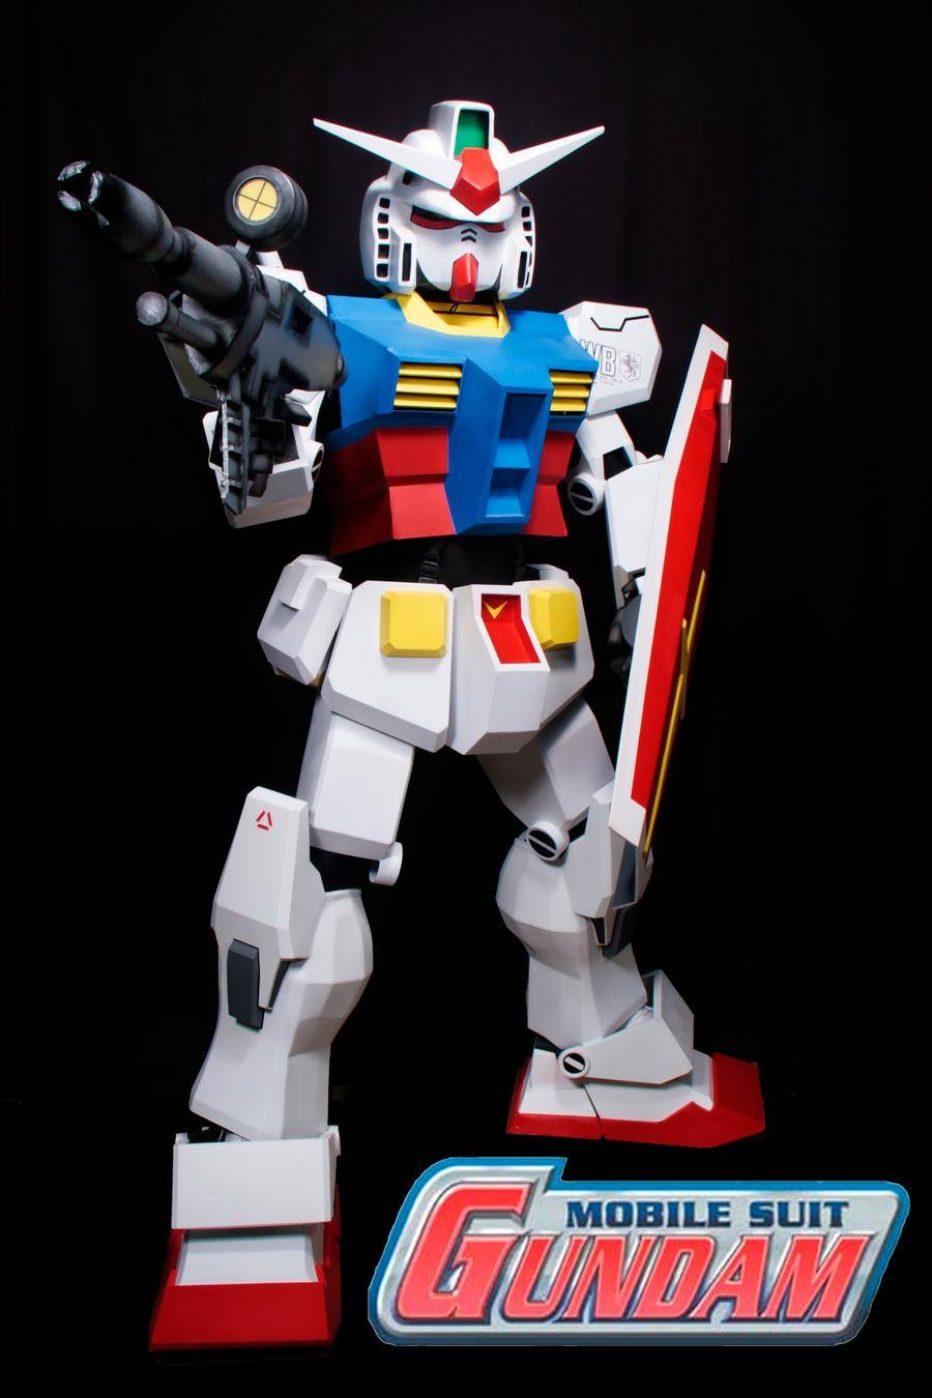 Gundam-RX-78-Cosplay-Gamers-Heroes-1.jpg